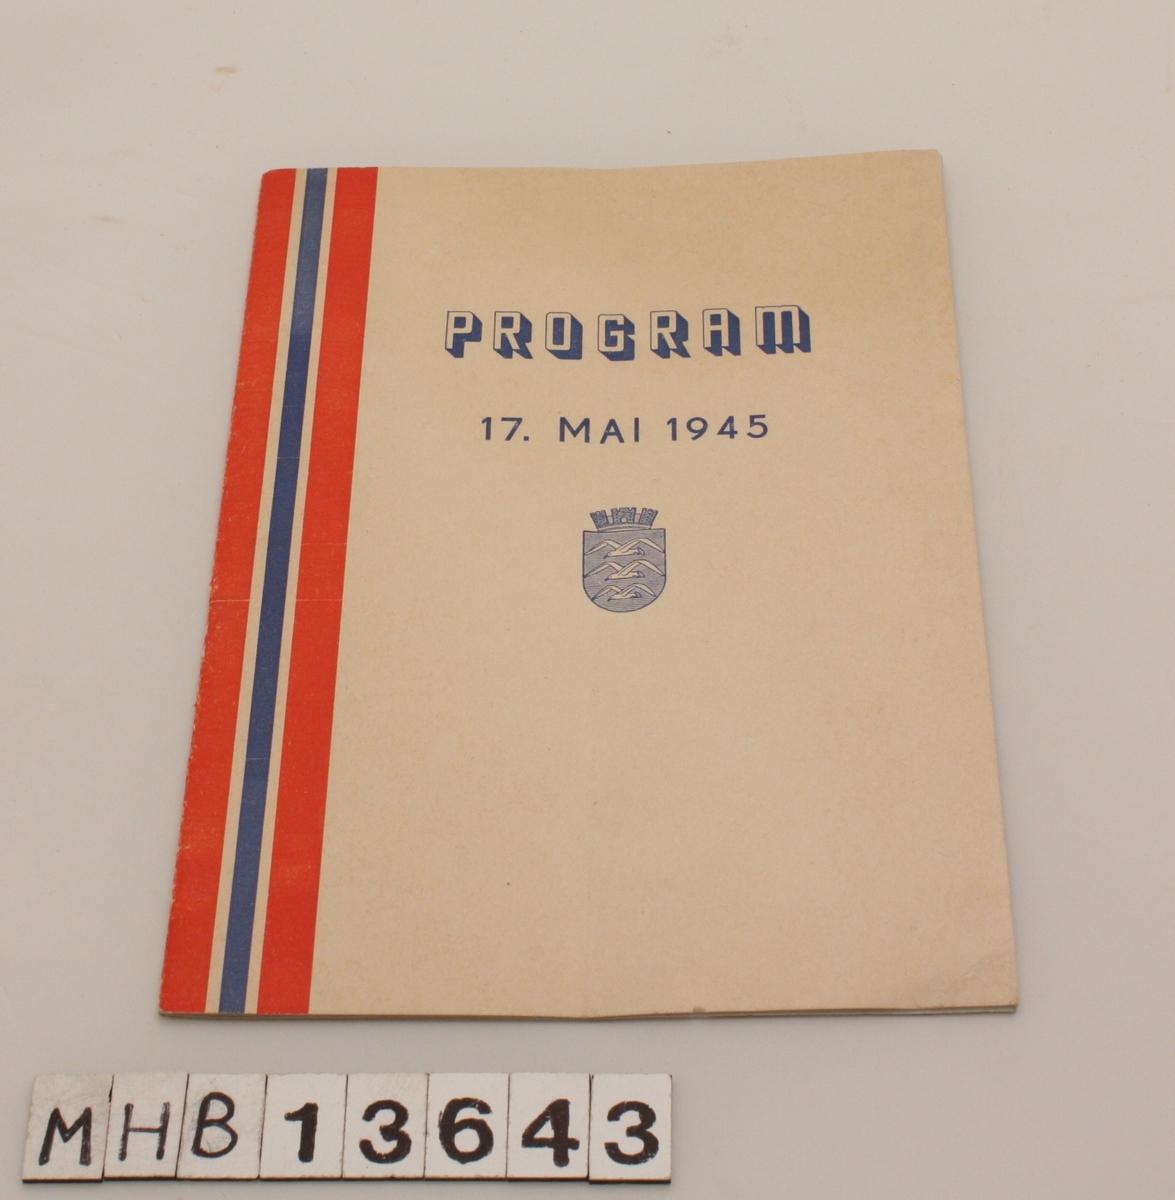 Rektangulært program for 17. mai 1945. På forsiden er til venstre et langt bånd i det norske flaggets farger. Under tittel er Haugesund kommunevåpen. Heftet inneholder program og sanger.